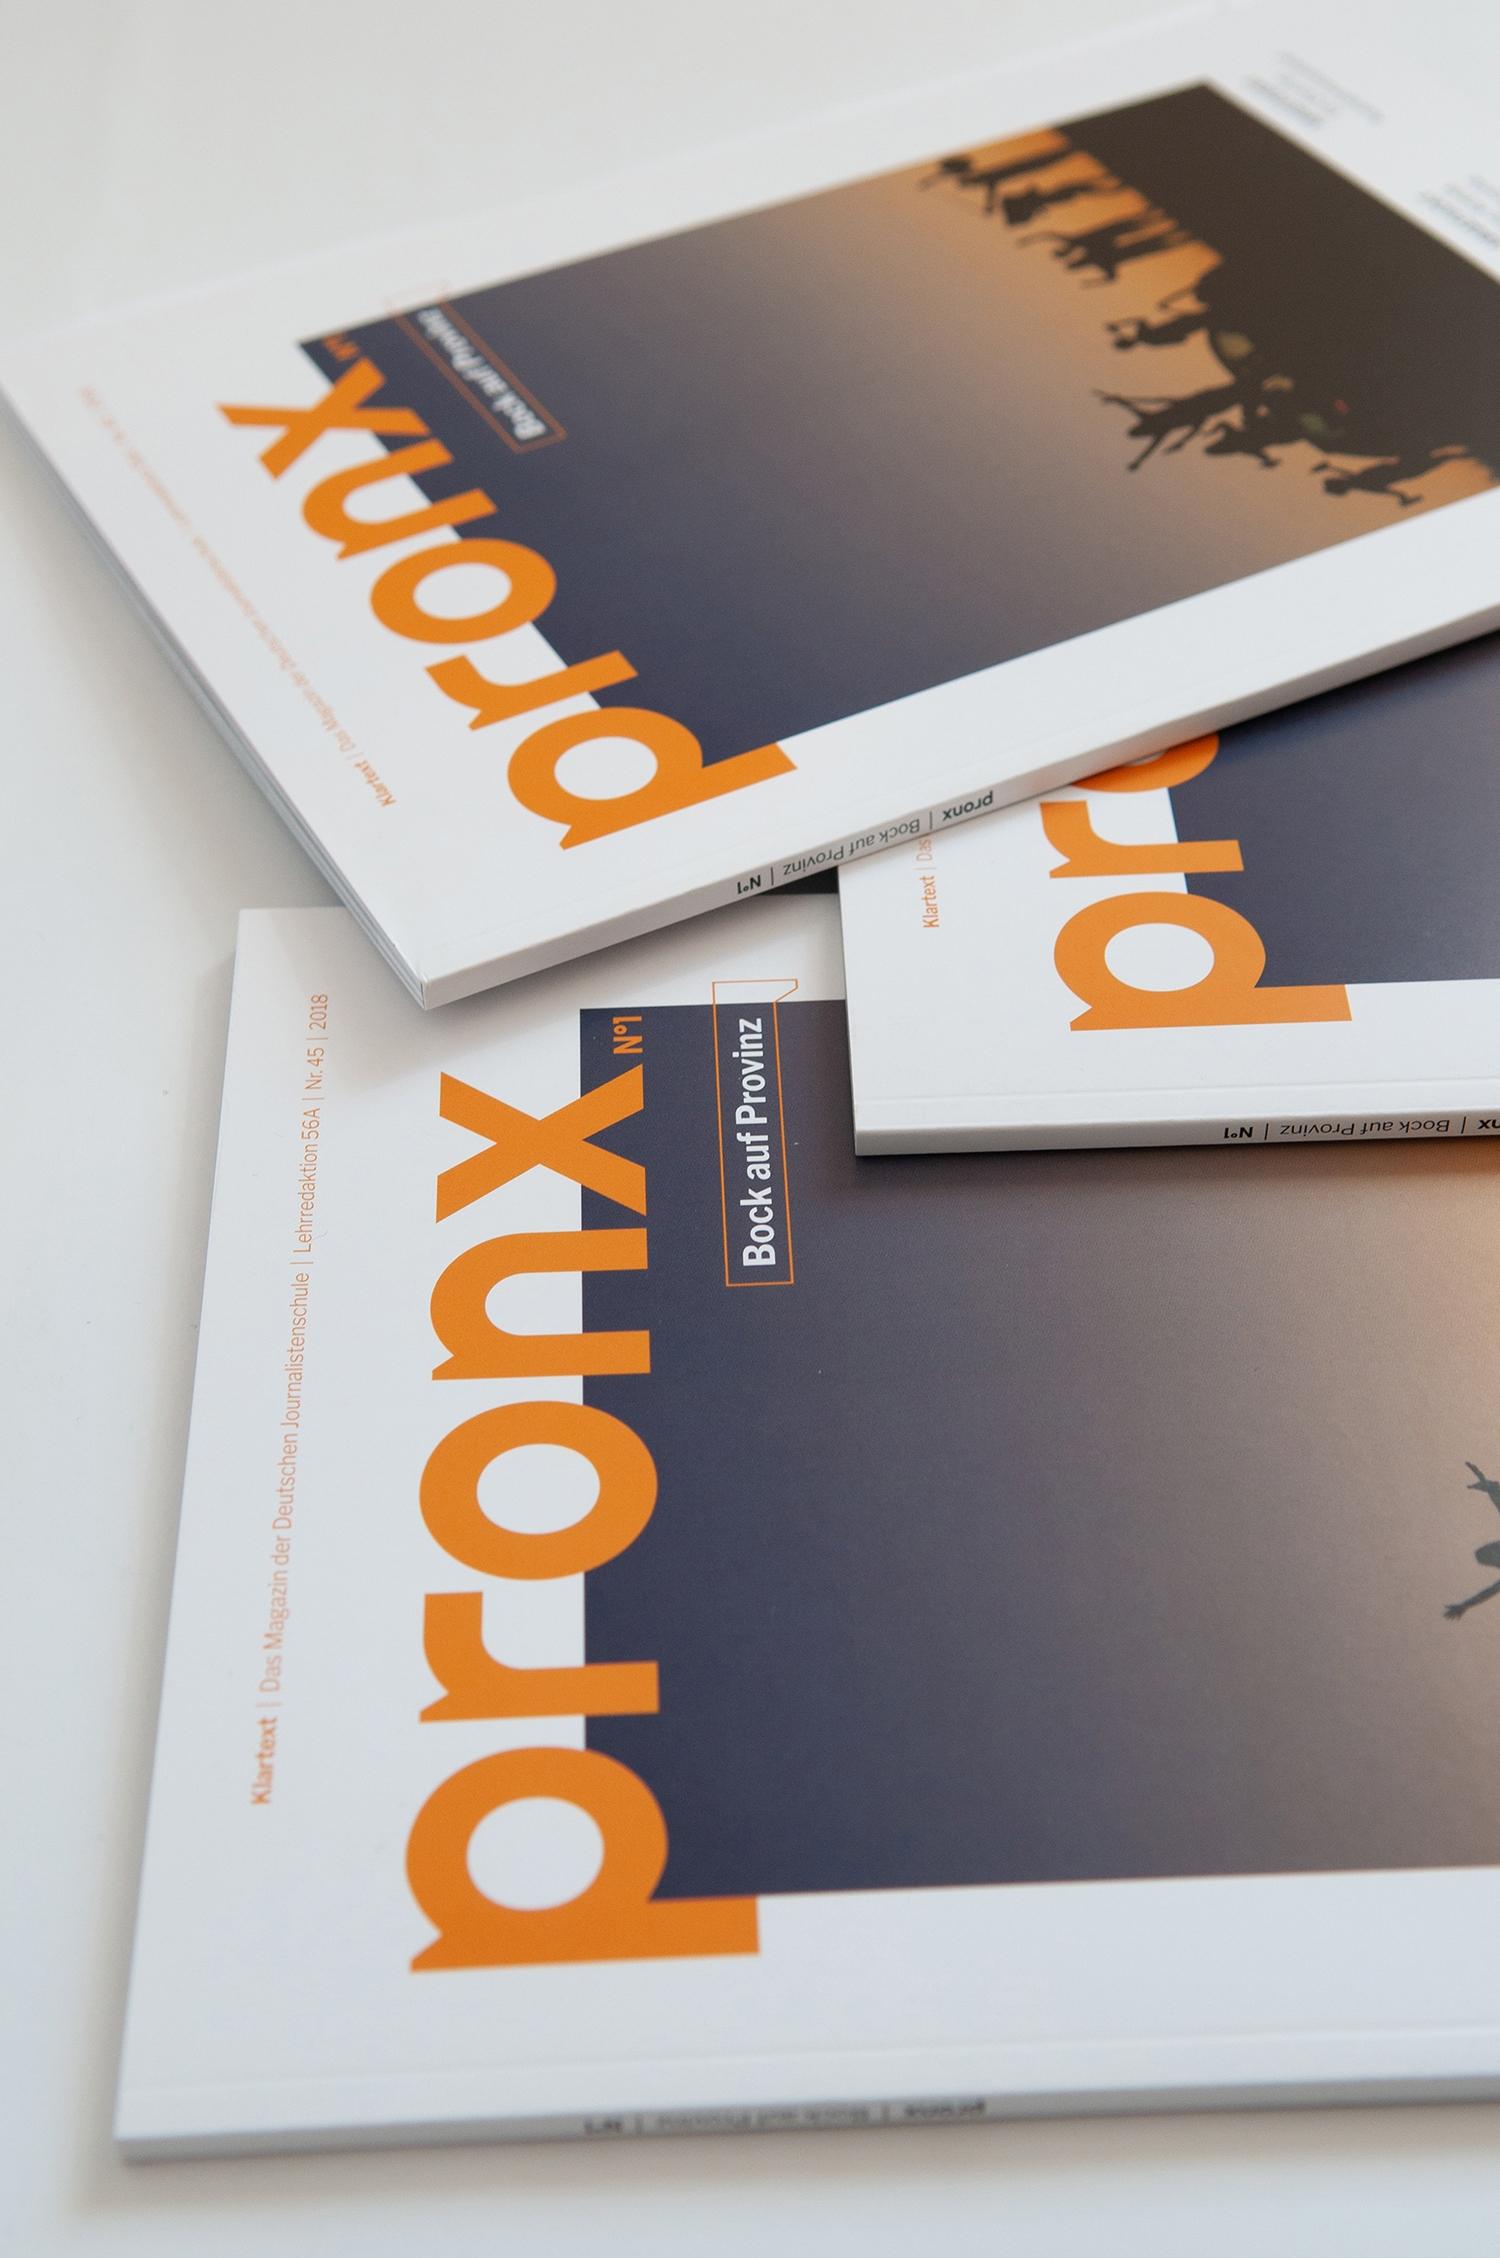 Klartext Magazin »pronx«, als Dozentin an der Deutschen Journalistenschule